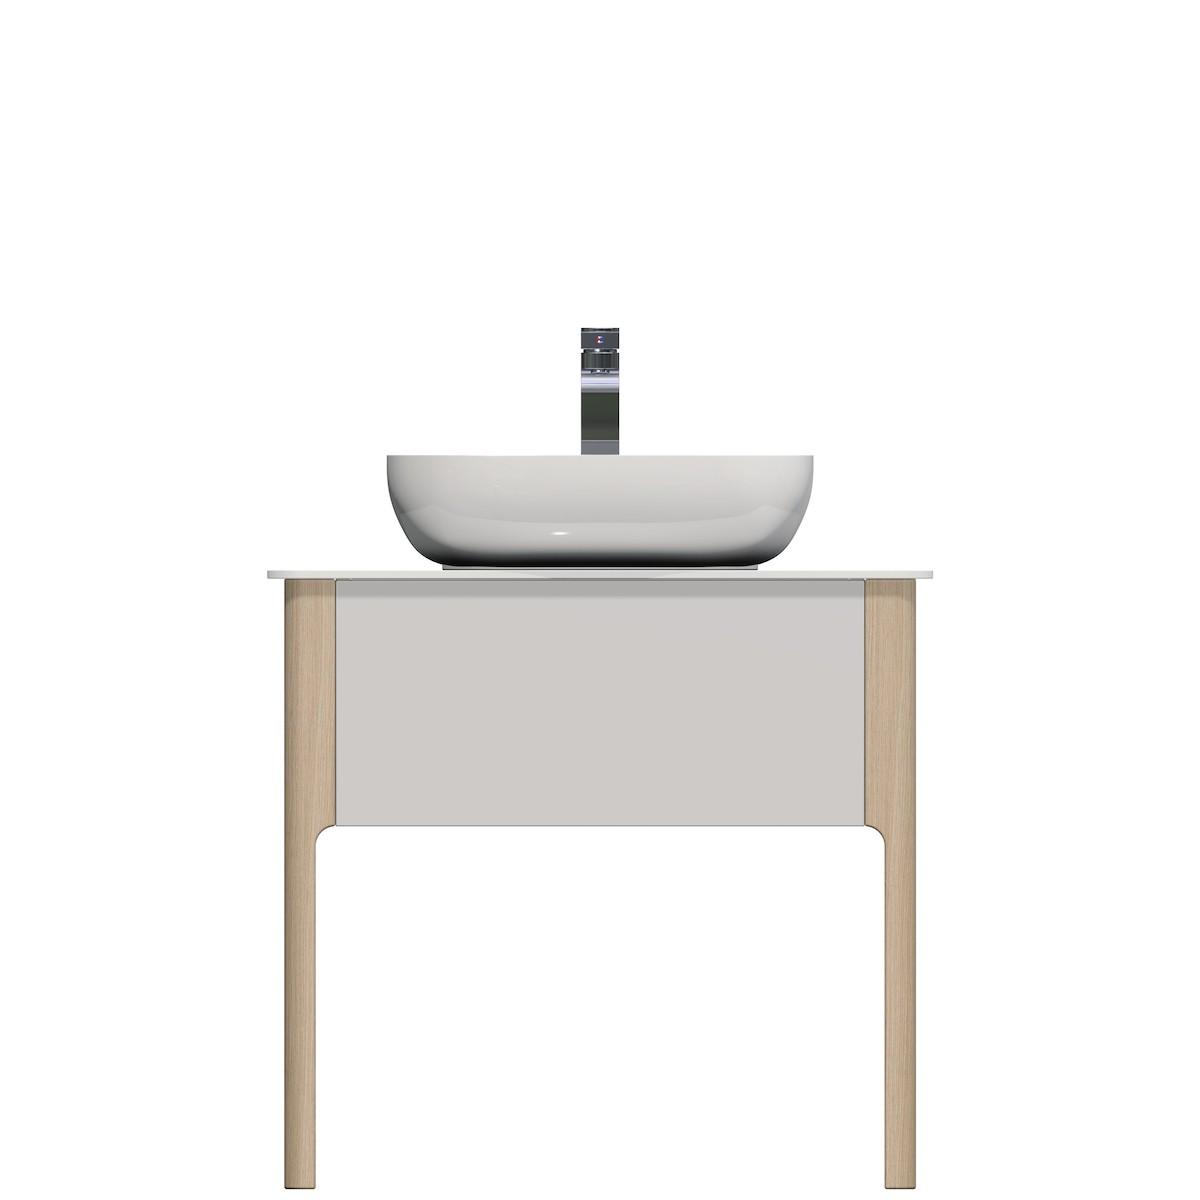 Kúpeľňová skrinka pod umývadlo Naturel Skandinavia 78x55 cm biela SCAN78.1Z.9016G